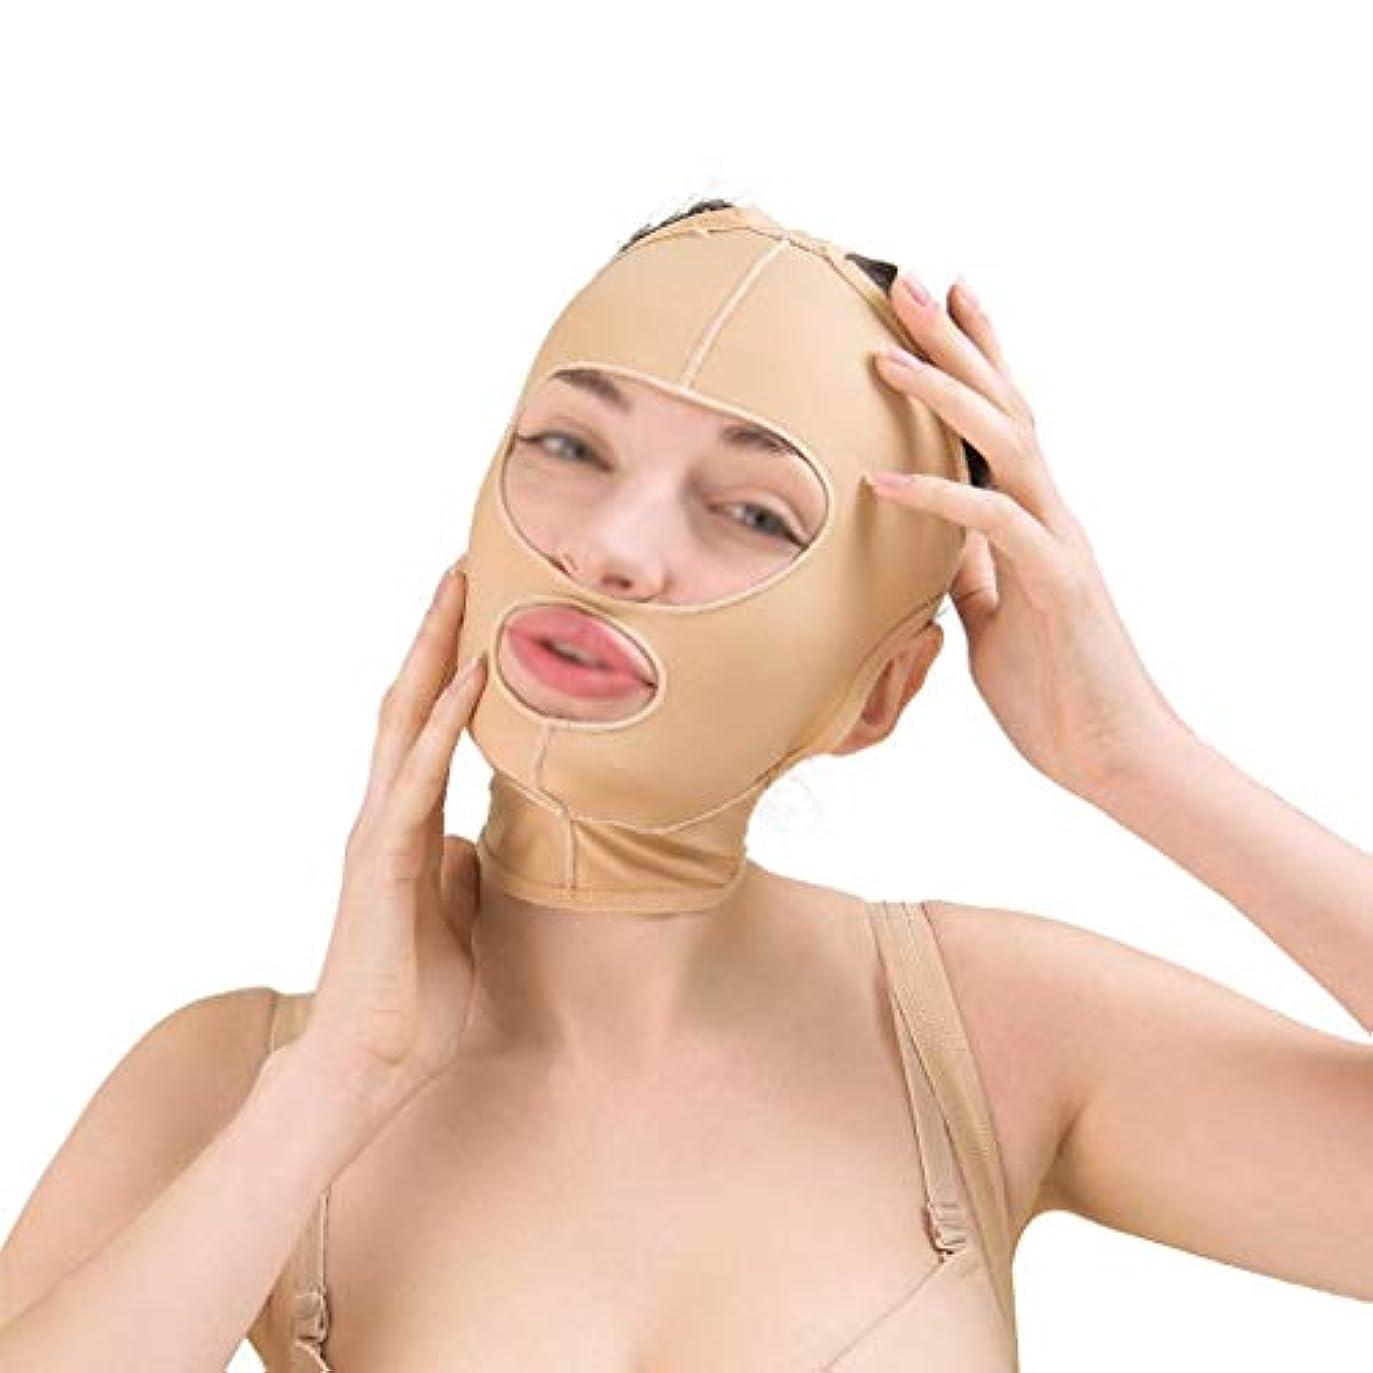 恥ずかしい投資する人種美容フェイスリフト減量ベルト、ほおスリムフィット、通気性フェイスリフト、引き締め、リフティング包帯、フェイシャルスキン包帯(サイズ:M),S